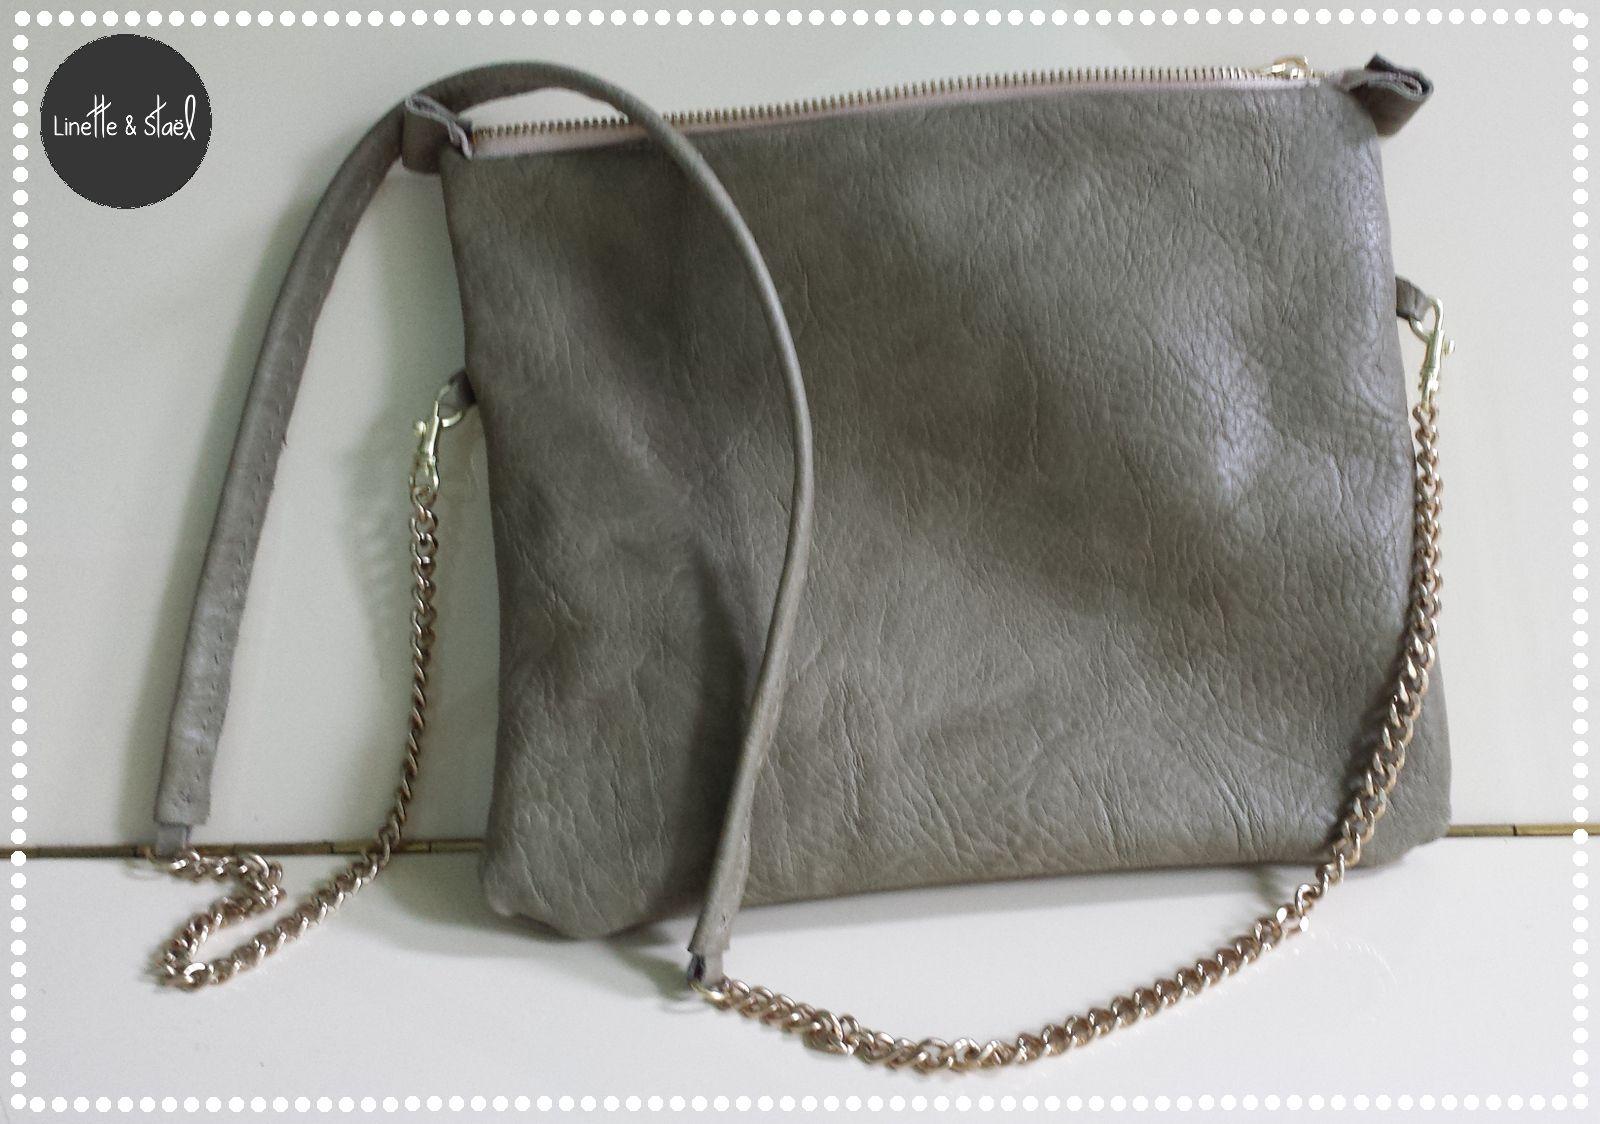 Diy petit sac en cuir petit sac en cuir sac en bandouli re et sac en cuir - Tuto sac besace bandouliere ...